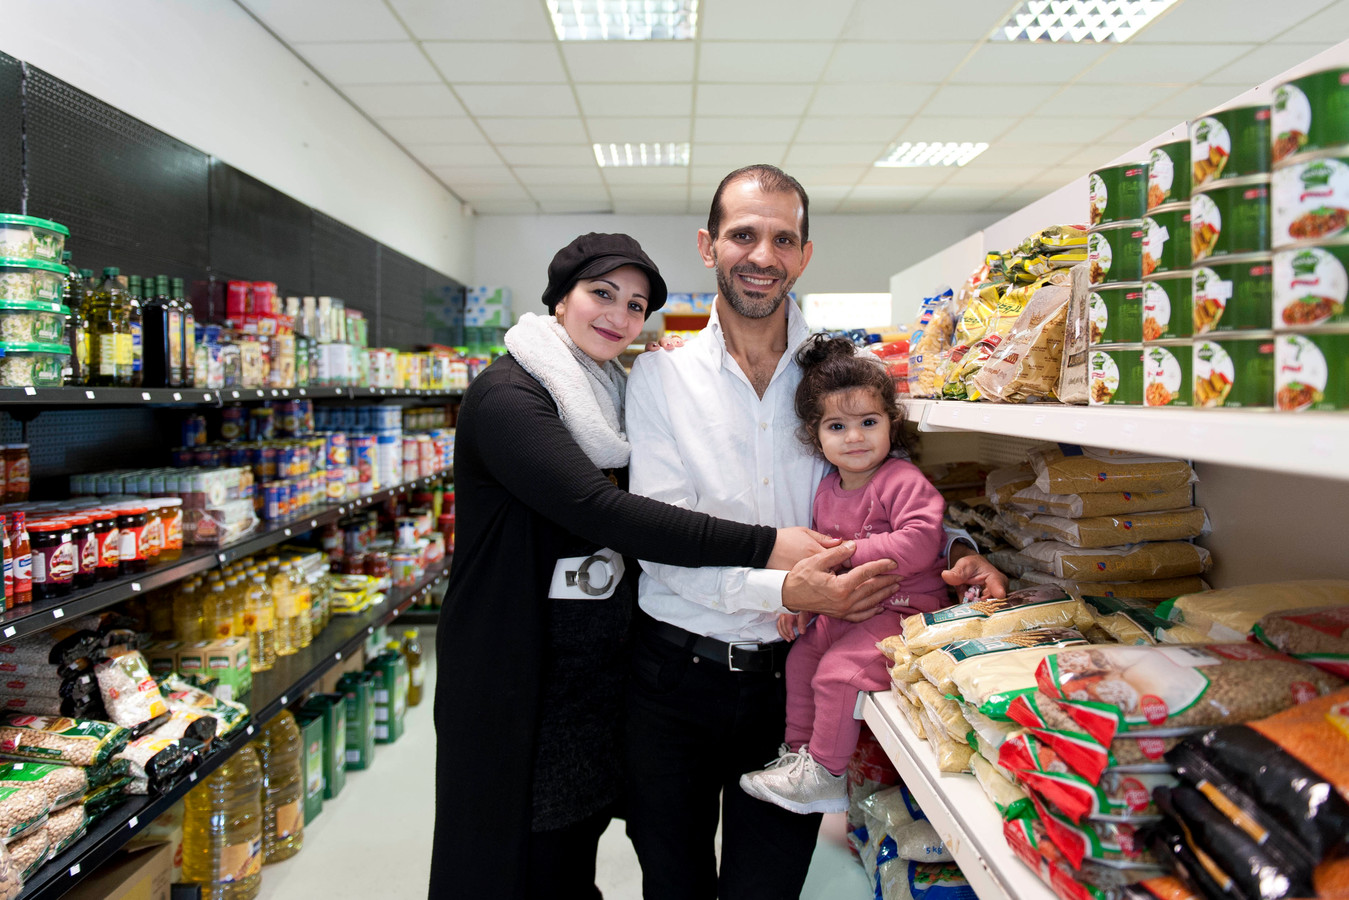 Nour (links) en Louai Kasoumeh zijn vluchtelingen uit Syrië. Vijf jaar geleden kwamen zij in Nederland. In de afgelopen jaren hebben zij met vallen en opstaan een nieuw bestaan op weten te bouwen in Raalte